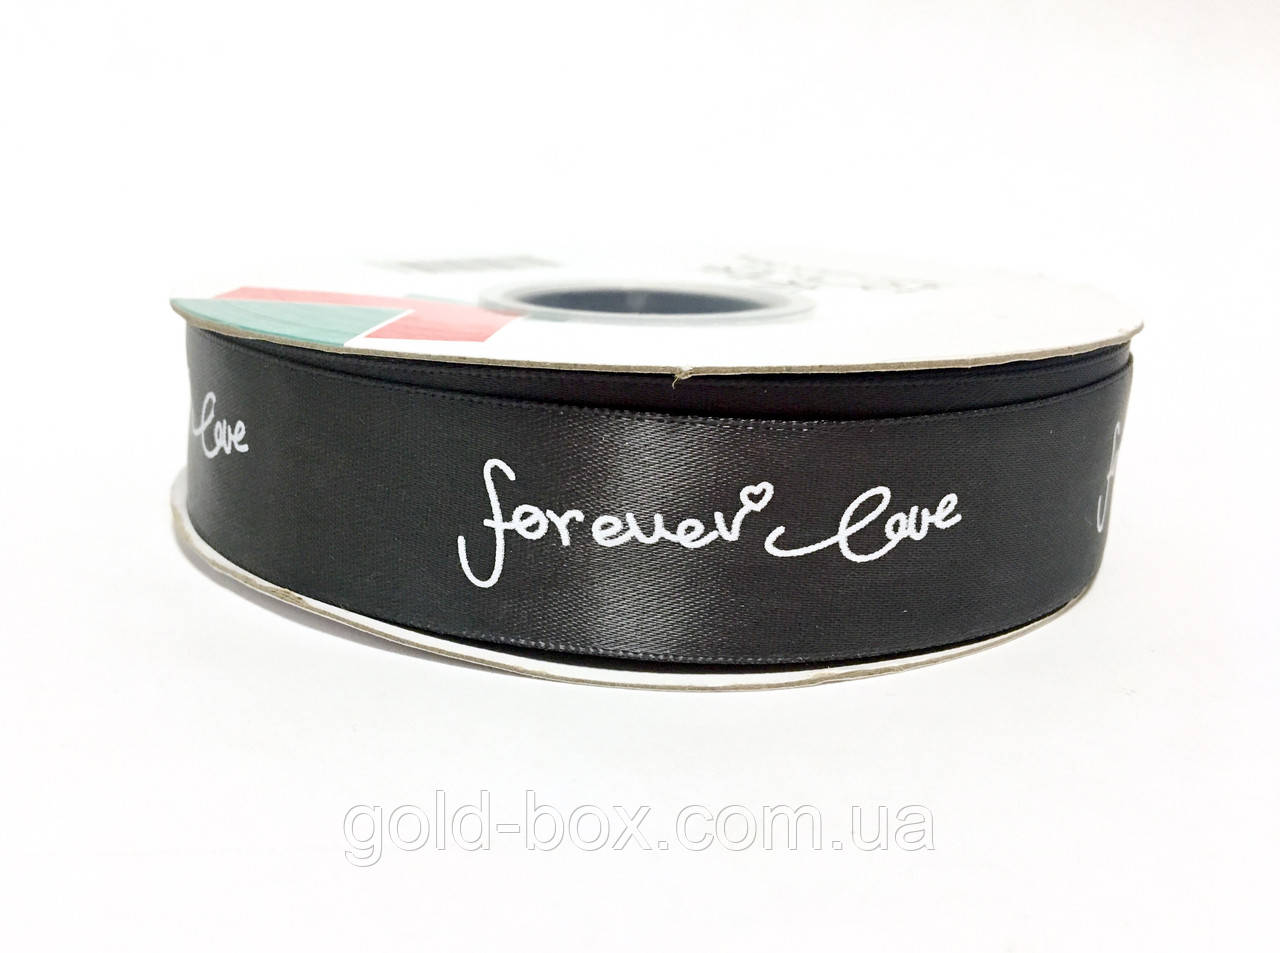 Ленты для букетов «Forever Love»2,5см/45-46м цвет тёмно-серый